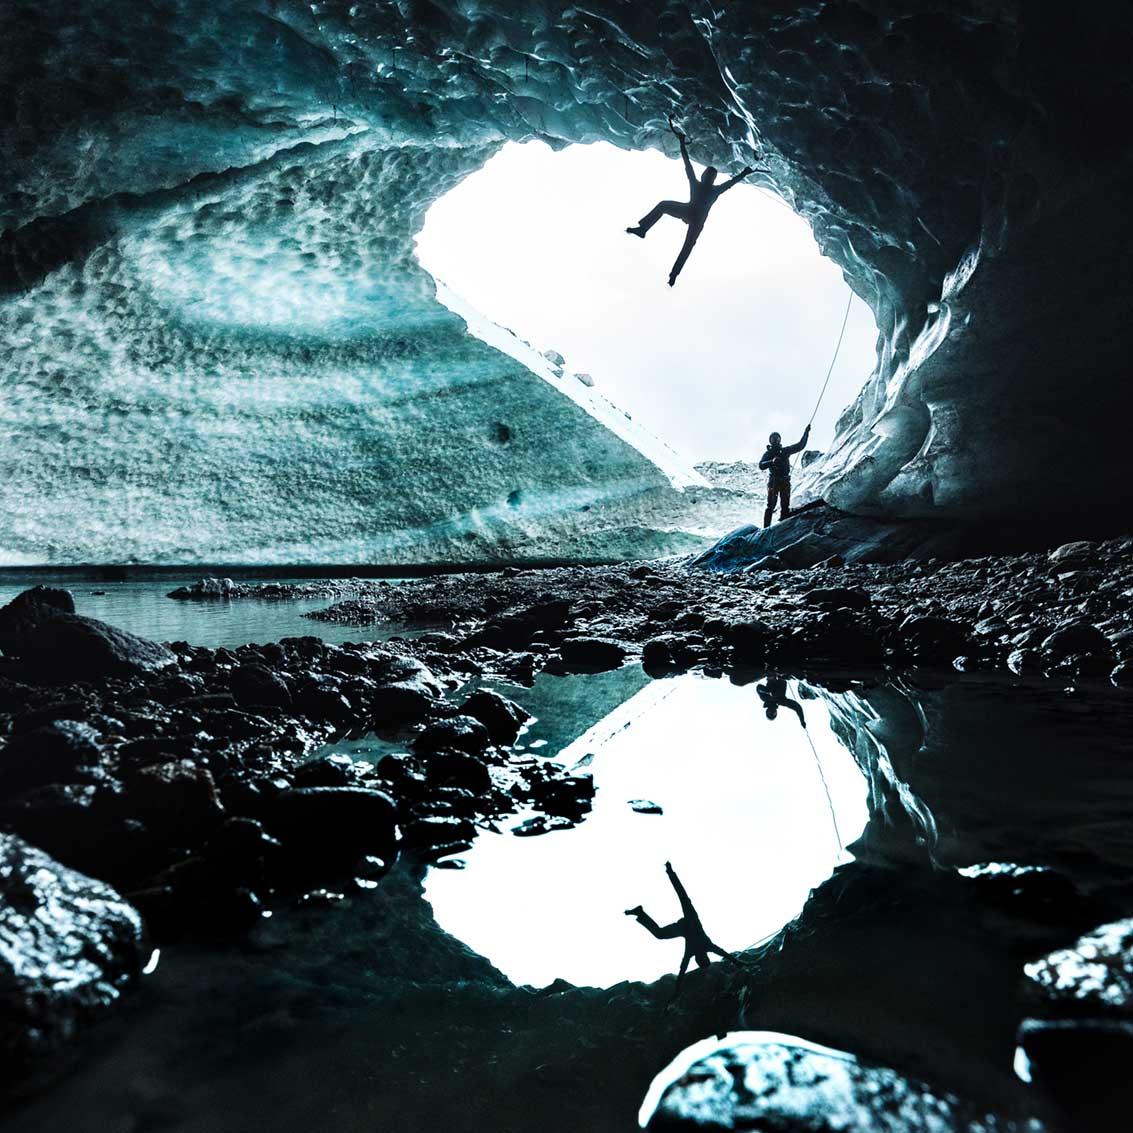 Photo d'un grimpeur dans une grotte de glace dans un glacier